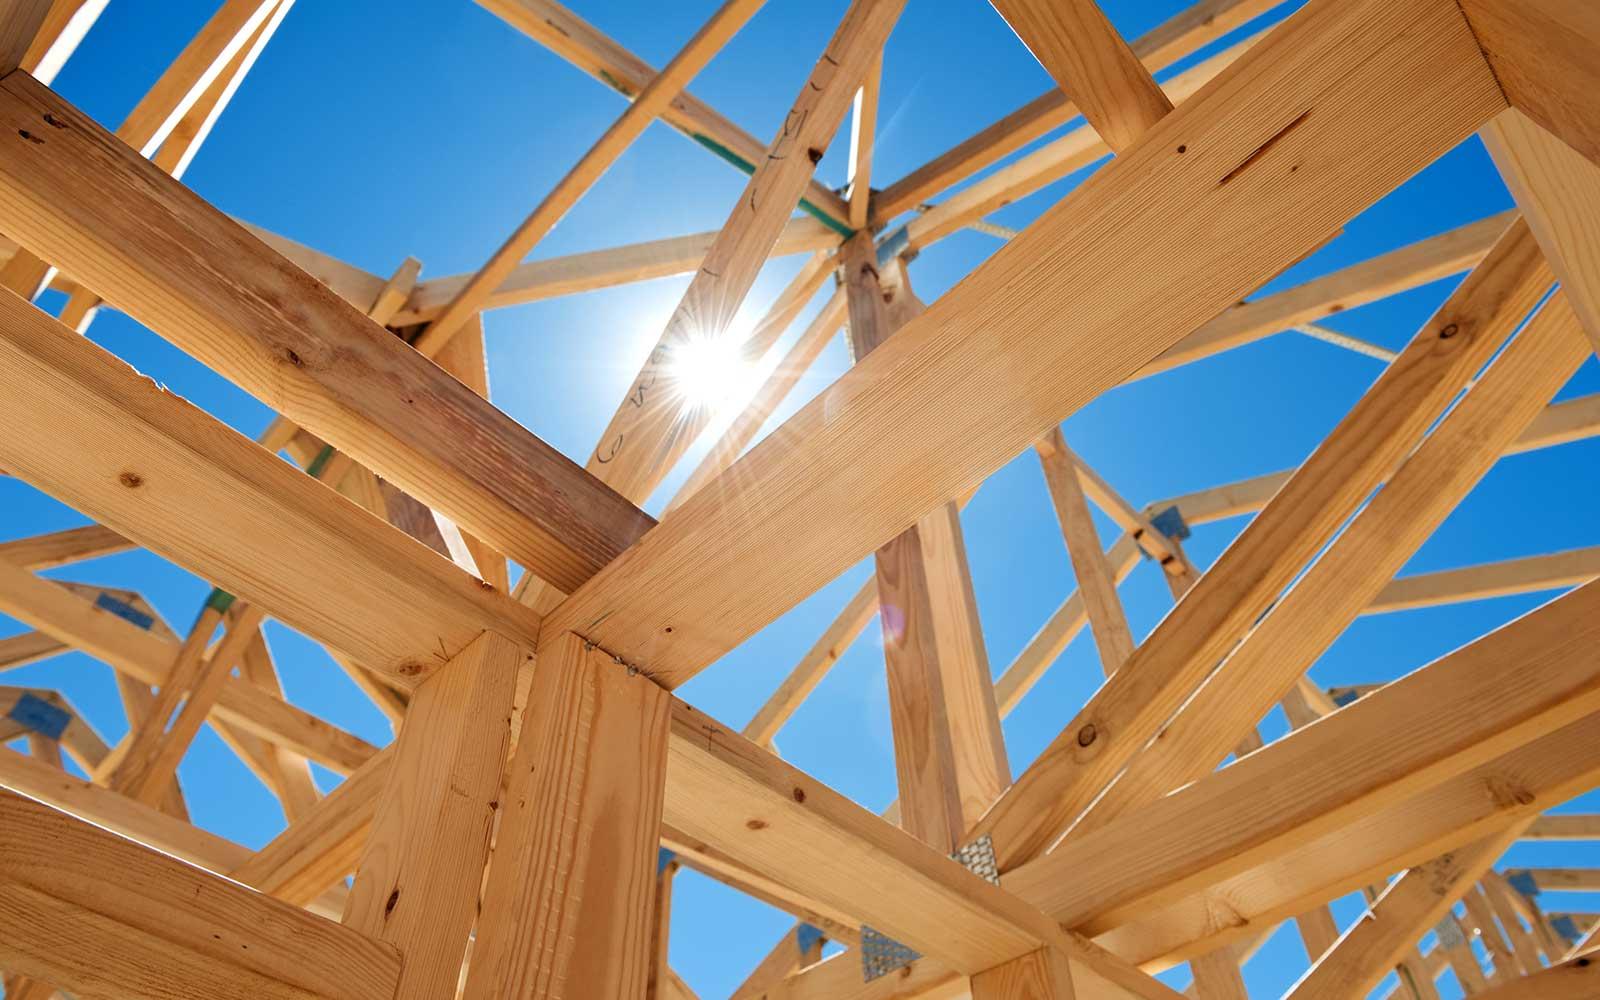 charpente en bois projet construction unique Corse Solutions Bois